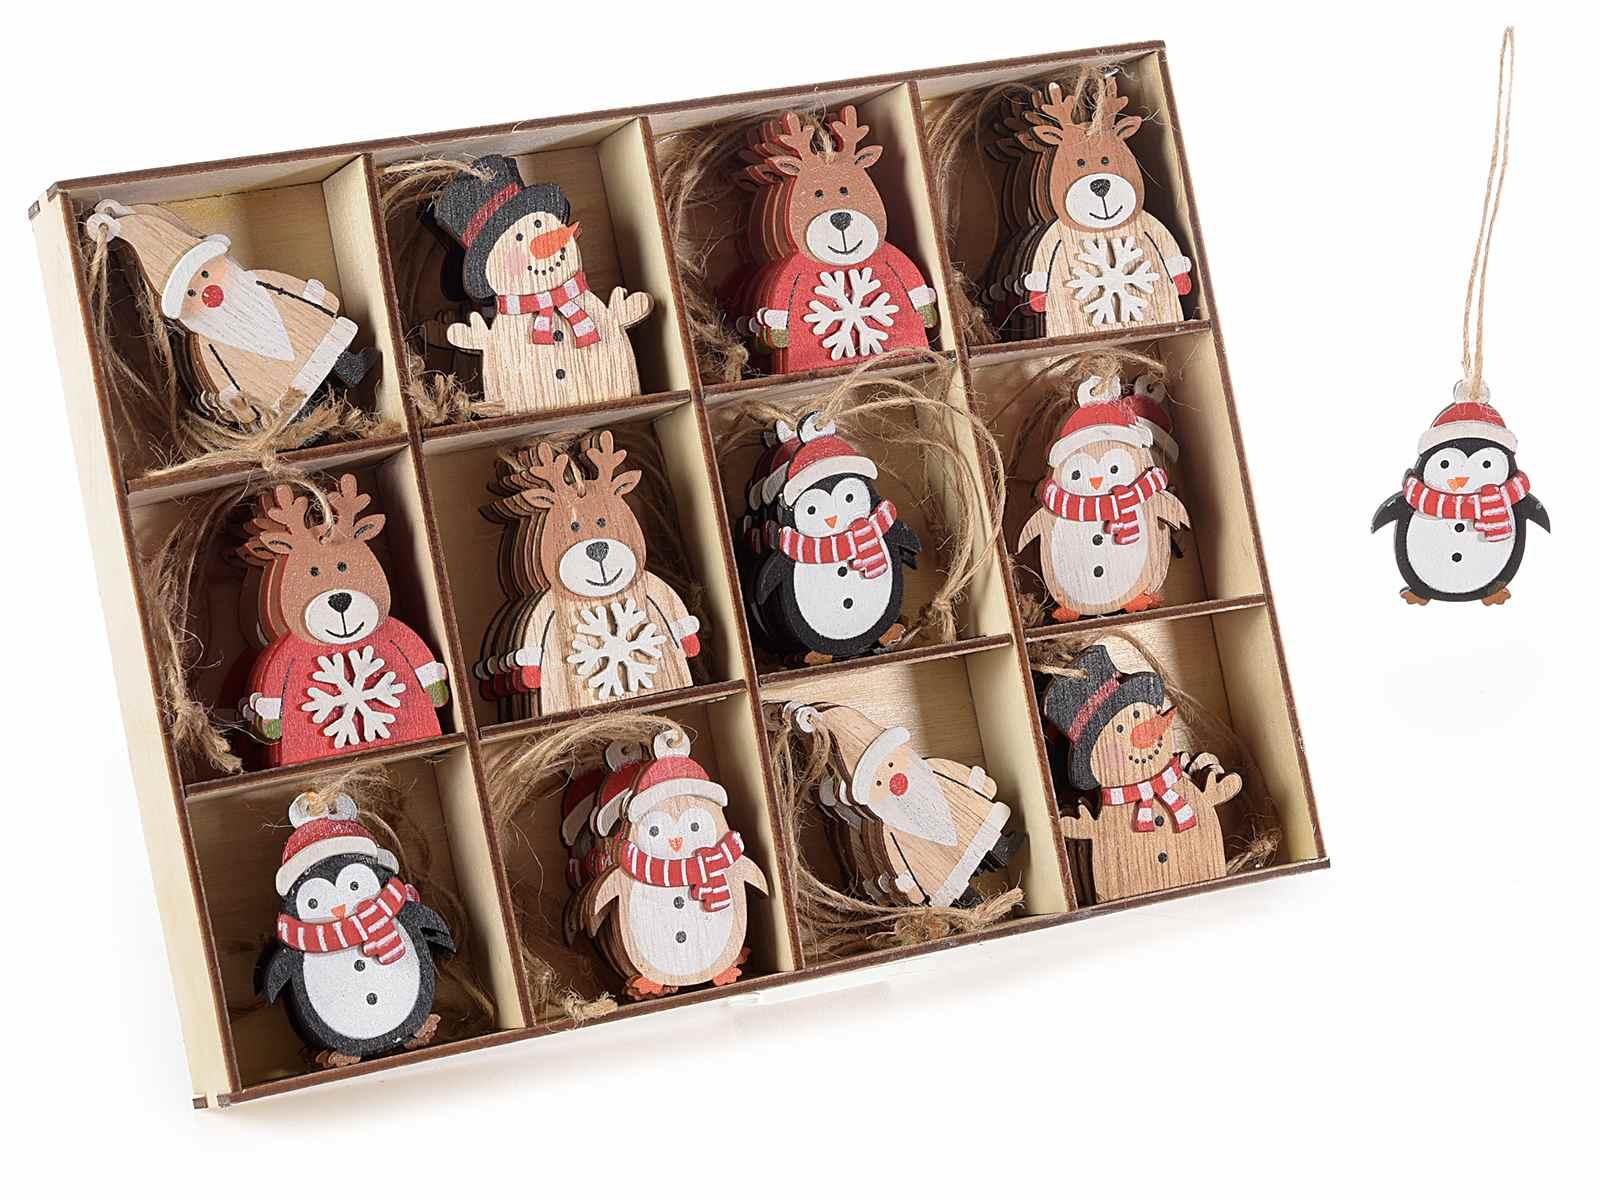 Espositore 72 decorazioni natalizie in legno da appendere for Decorazioni natalizie in legno da appendere